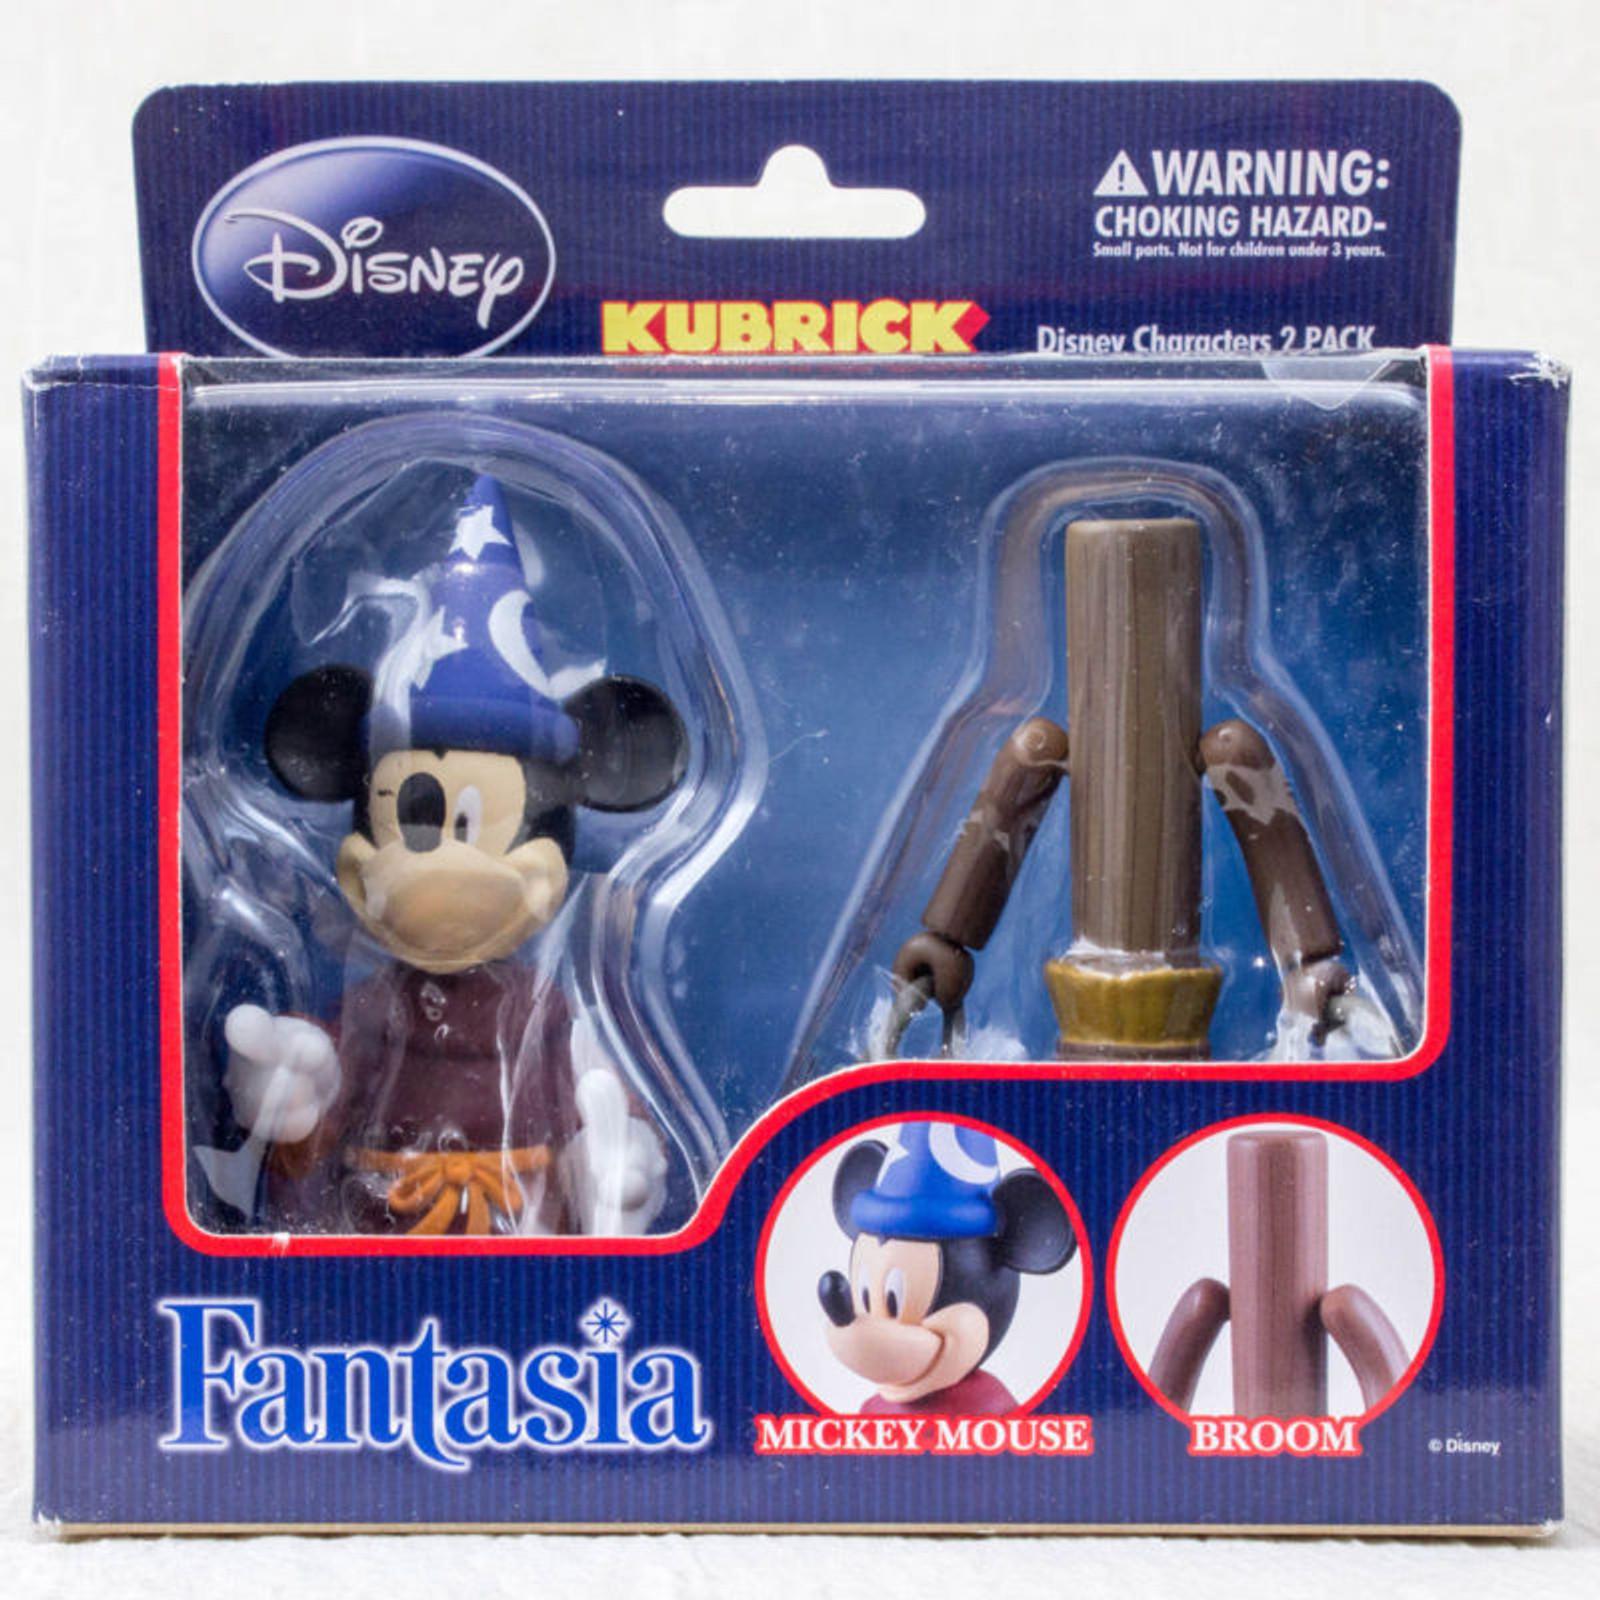 Disney Mickey Mouse & Broom Fantasia figure set  Kubrick Medicom Toy JAPAN ANIME